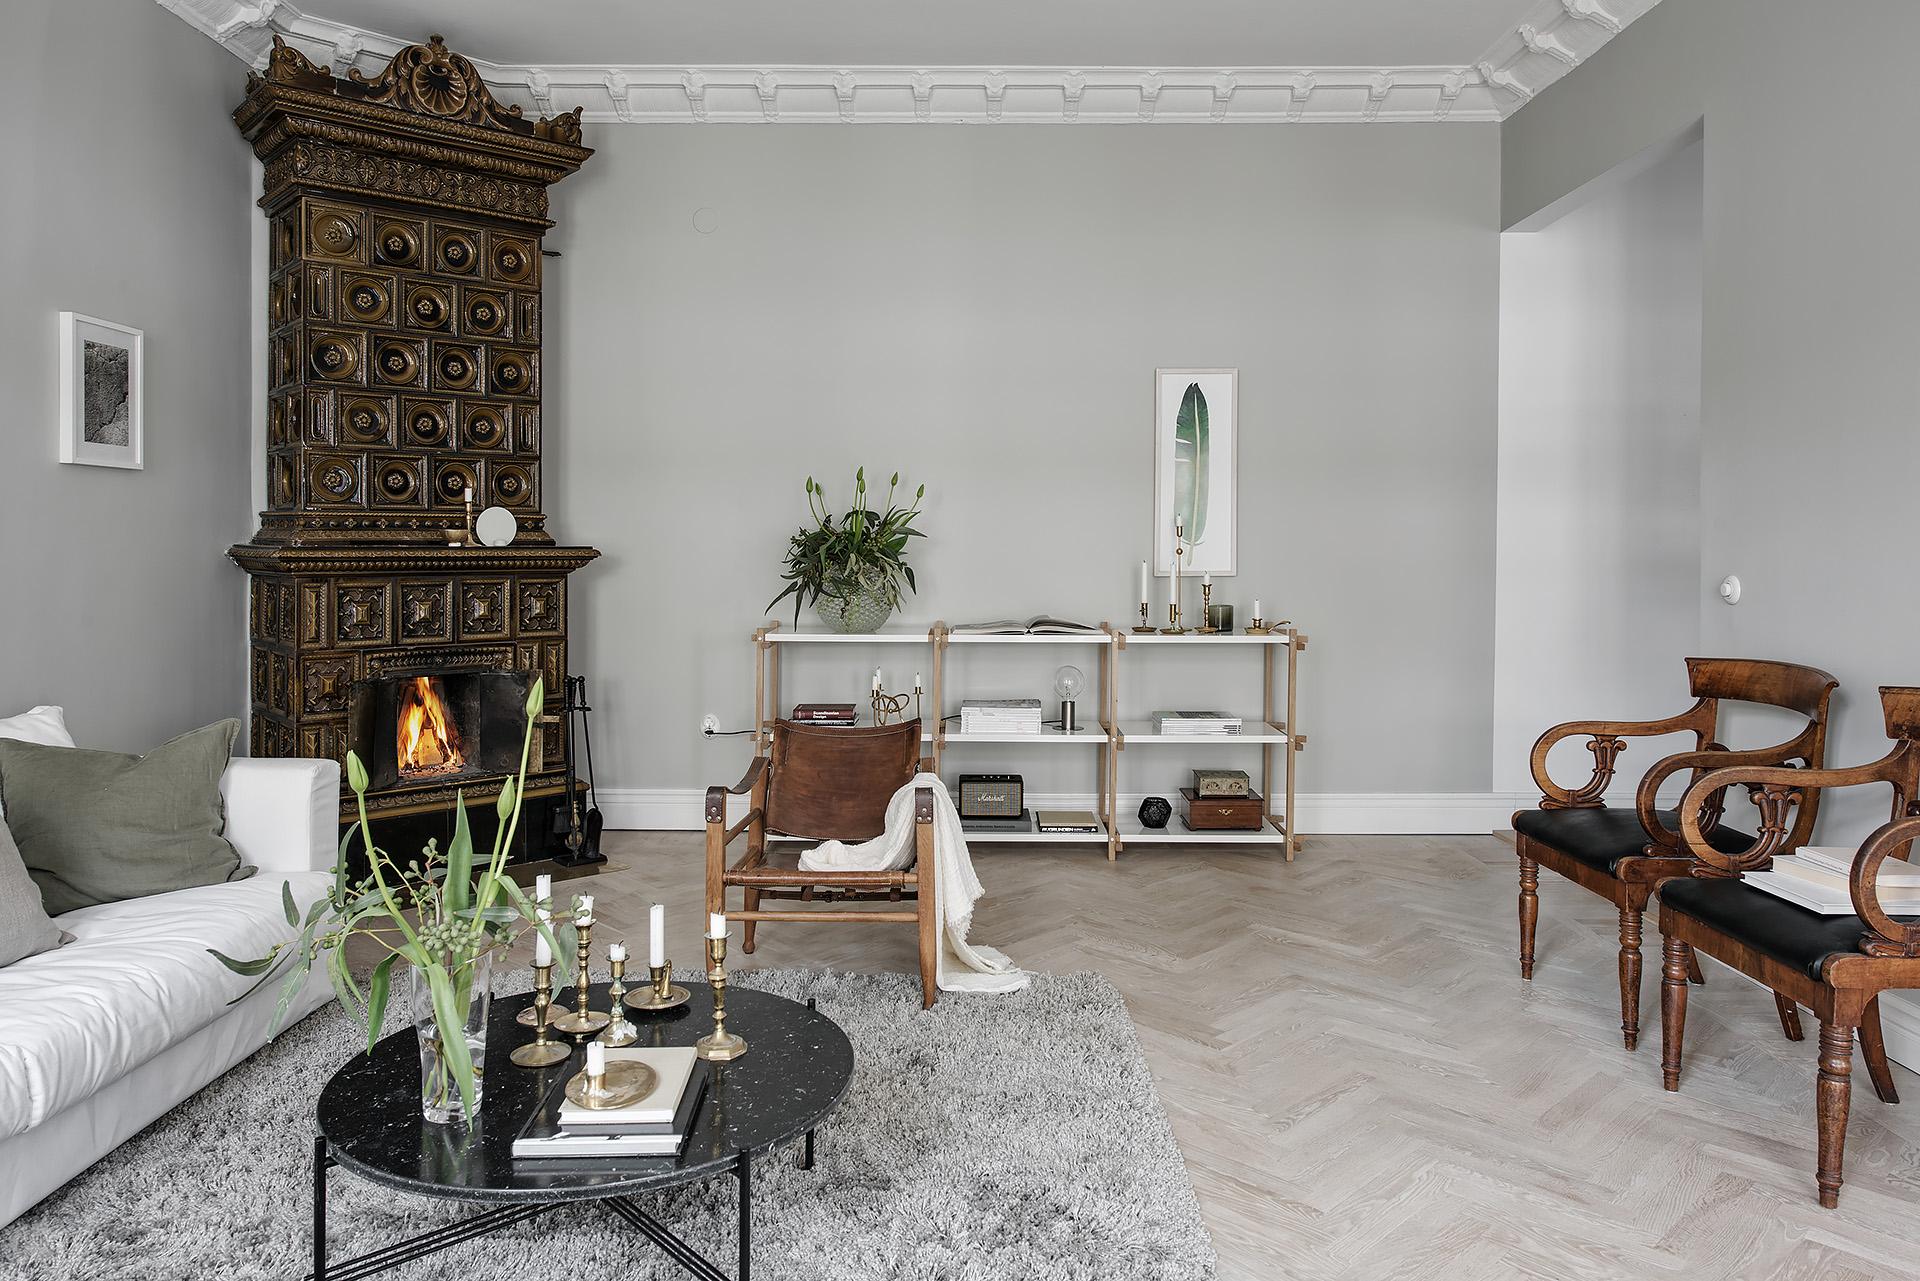 паркет елочка серые стены потолок лепнина карниз стеллаж скандинавская израсцовая печь кожаное кресло серый ковер